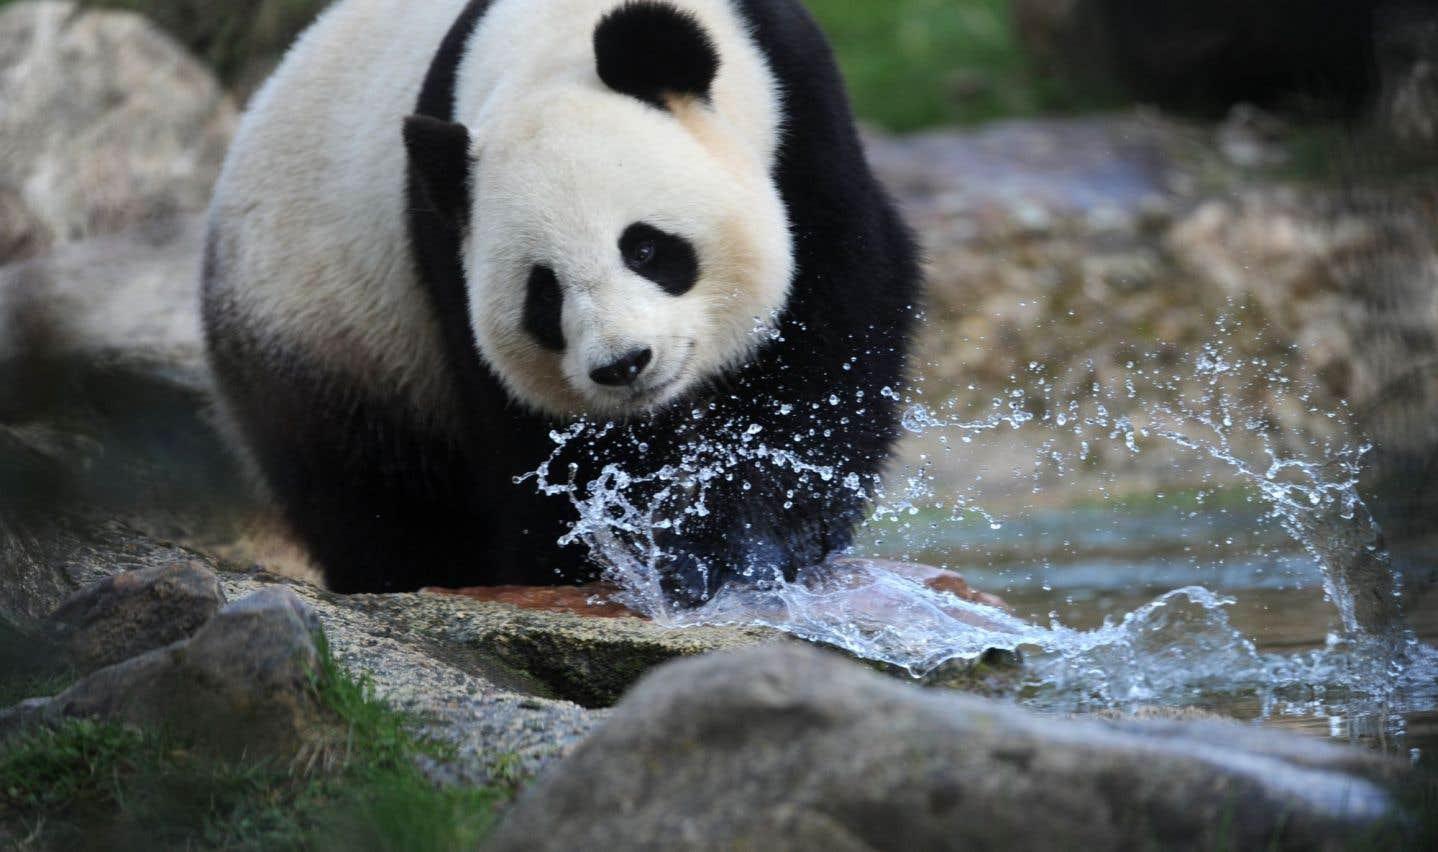 Laisser s'éteindre le panda et sauver la biodiversité